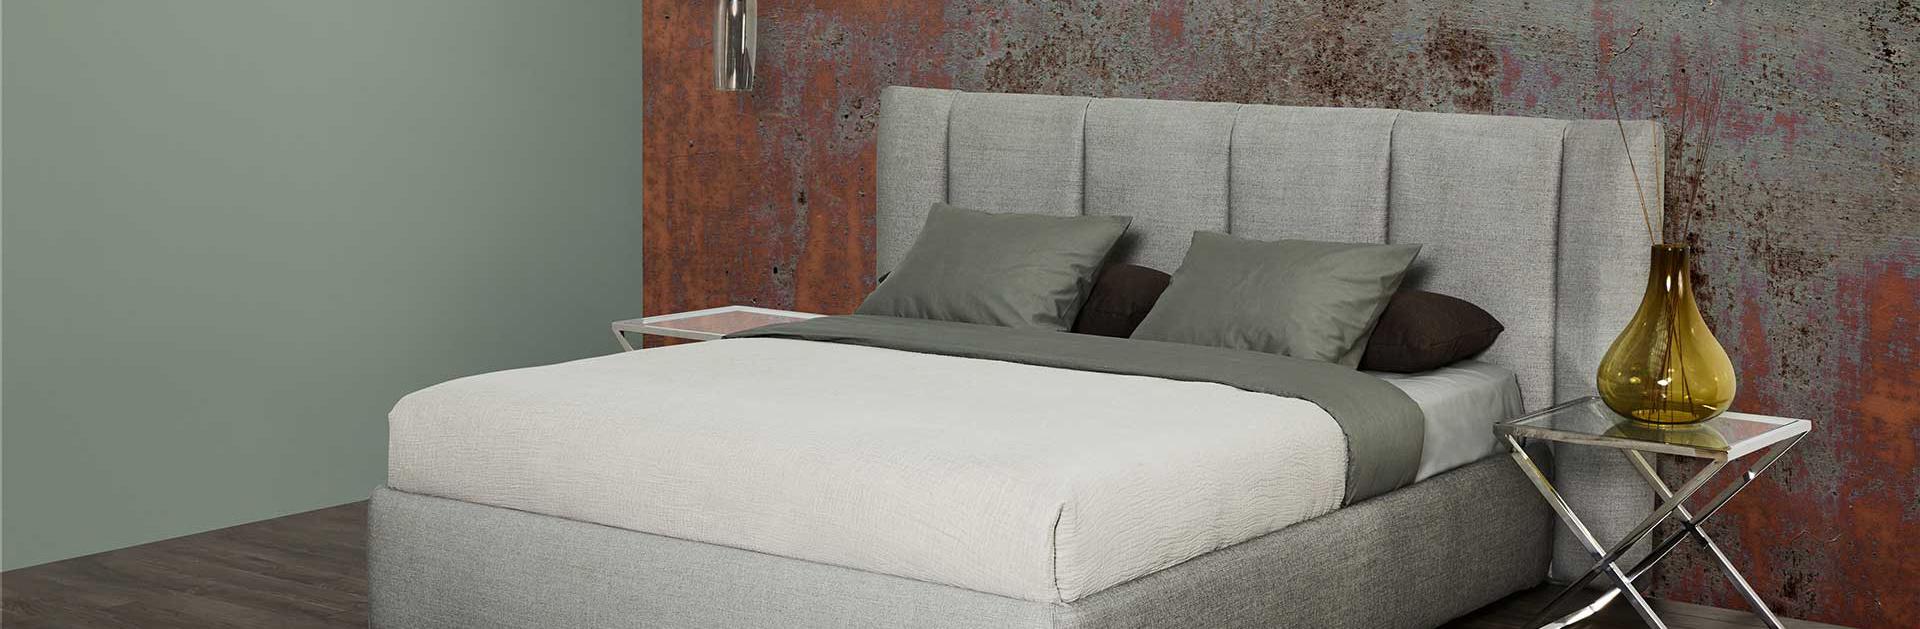 lietuviškos lovos